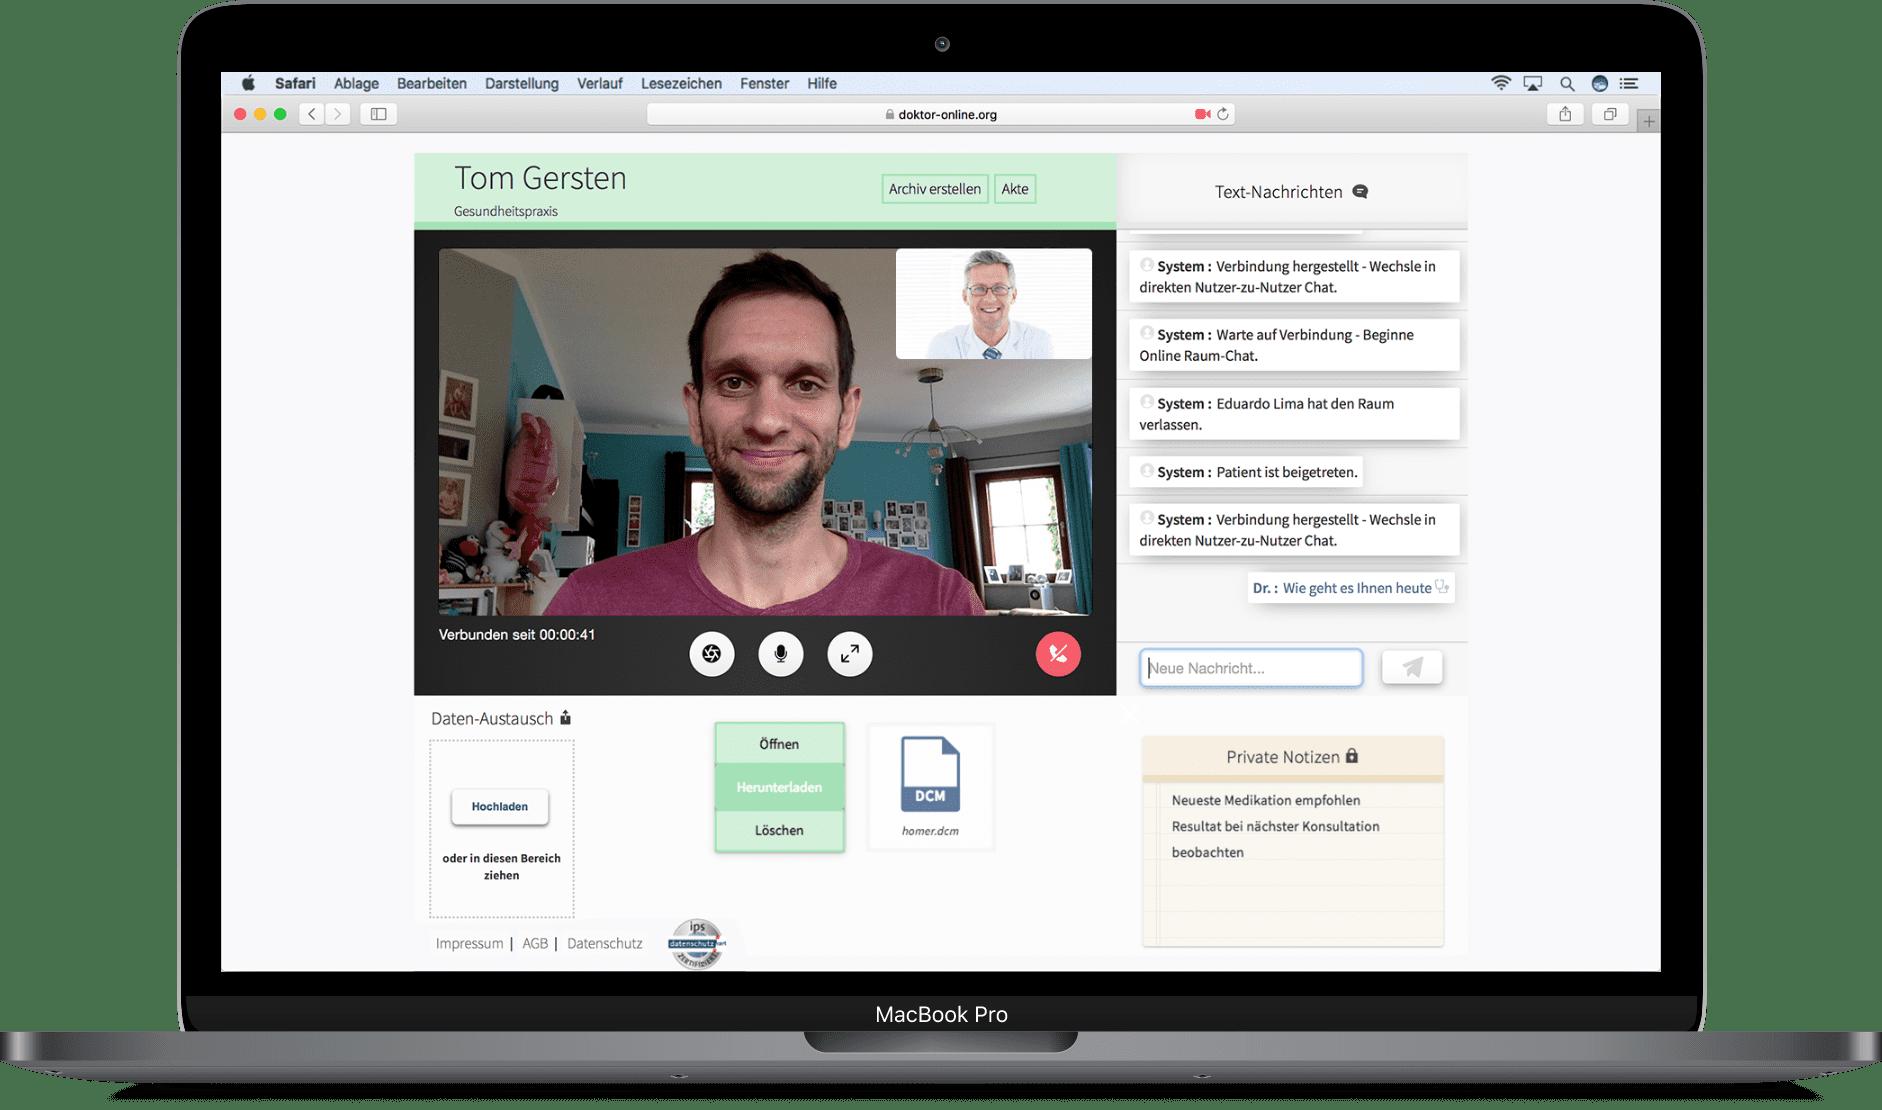 macbook-pro-doktor-online